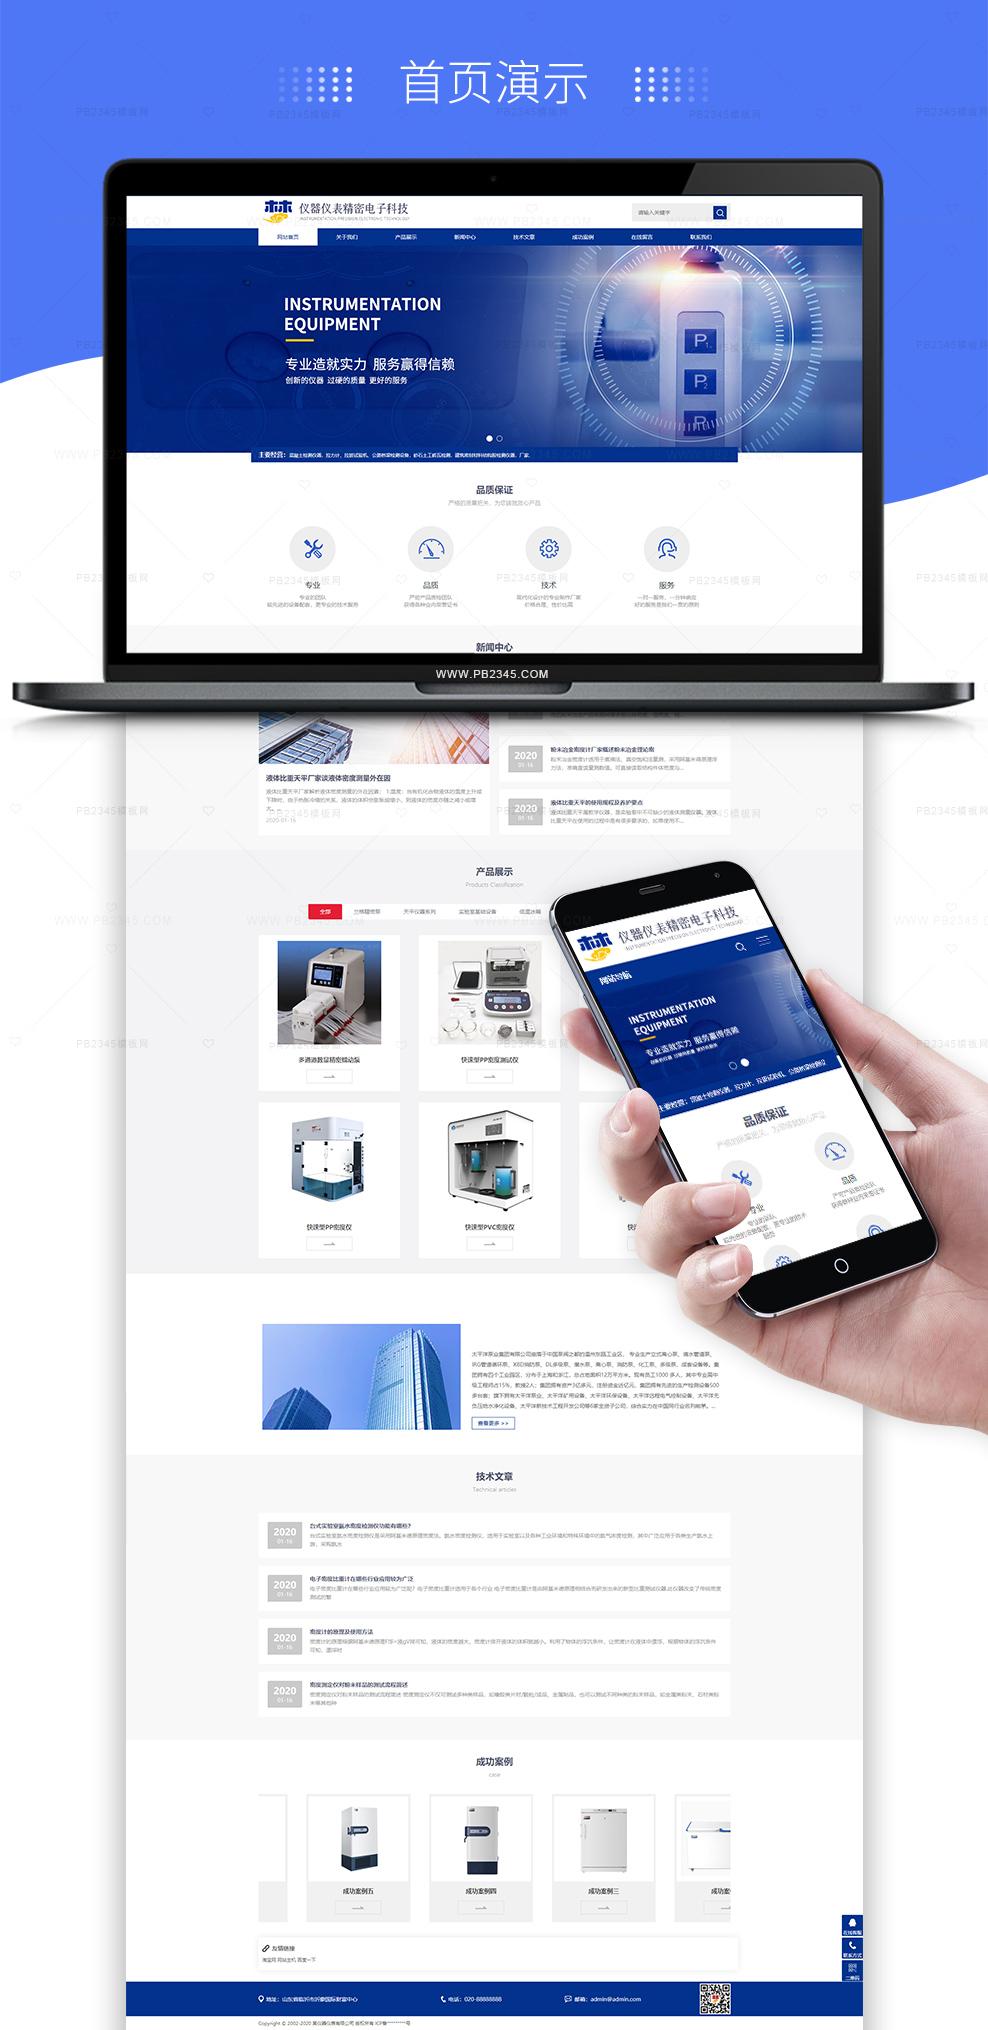 pbootcms响应式HTML5仪器仪表精密电子科技类网站模板(自适应)